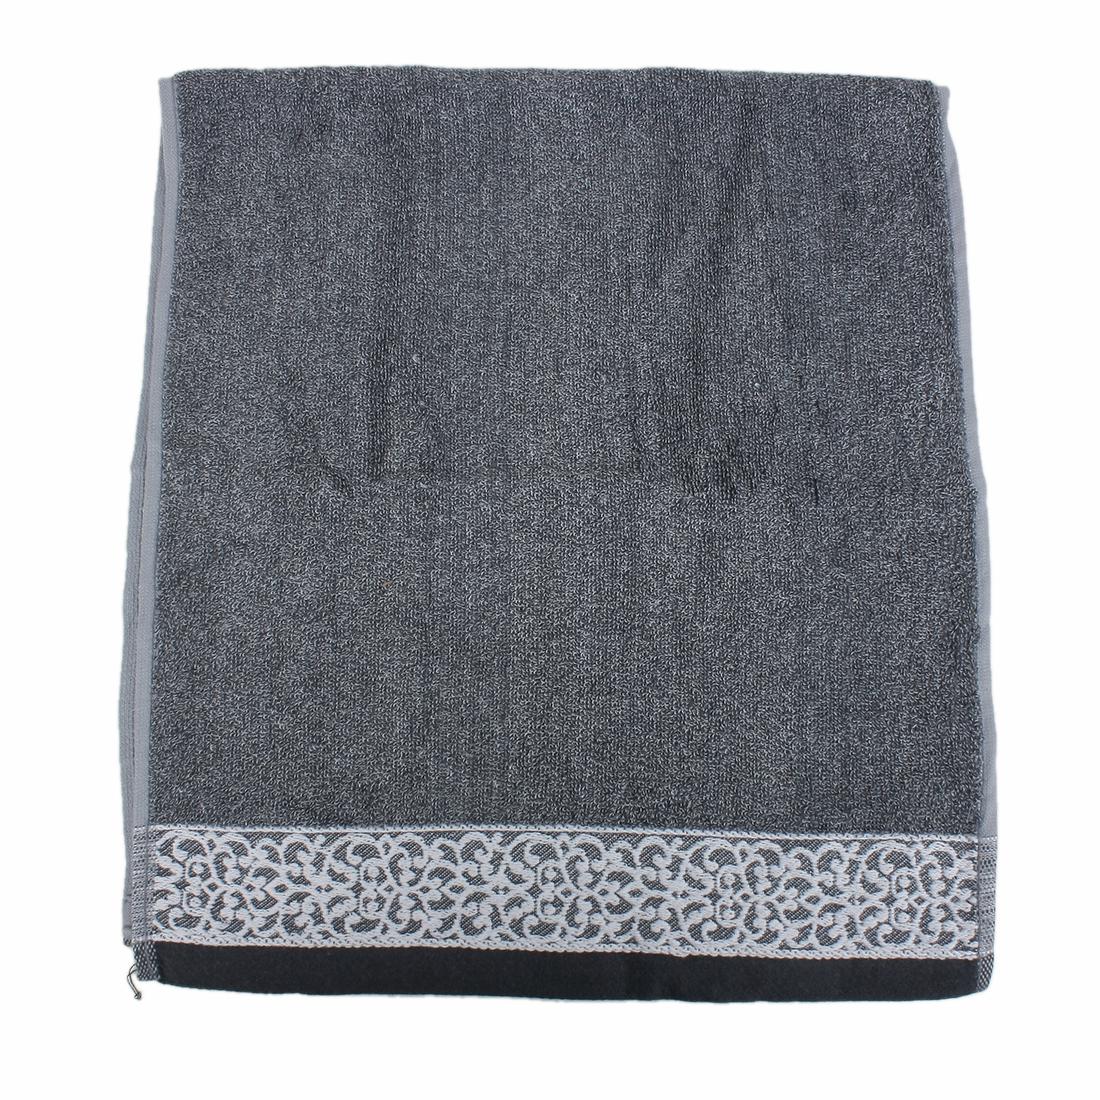 Home Bathroom Super Soft Combed Cotton Towel 35 x 74cm Navy Blue